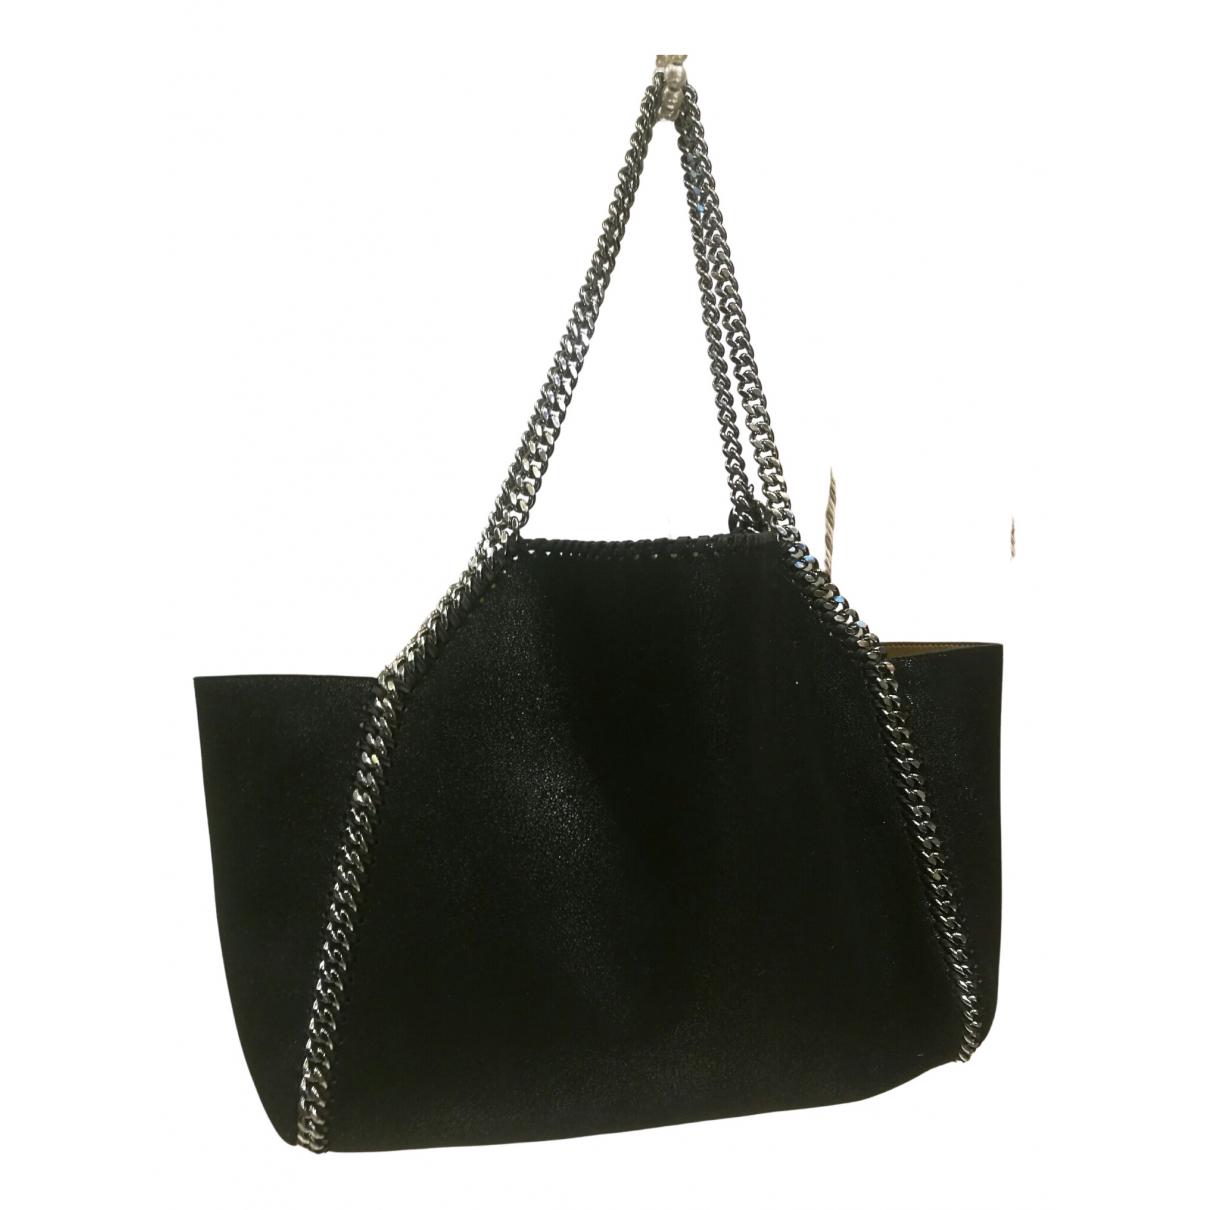 Stella Mccartney Falabella Black Cloth handbag for Women N